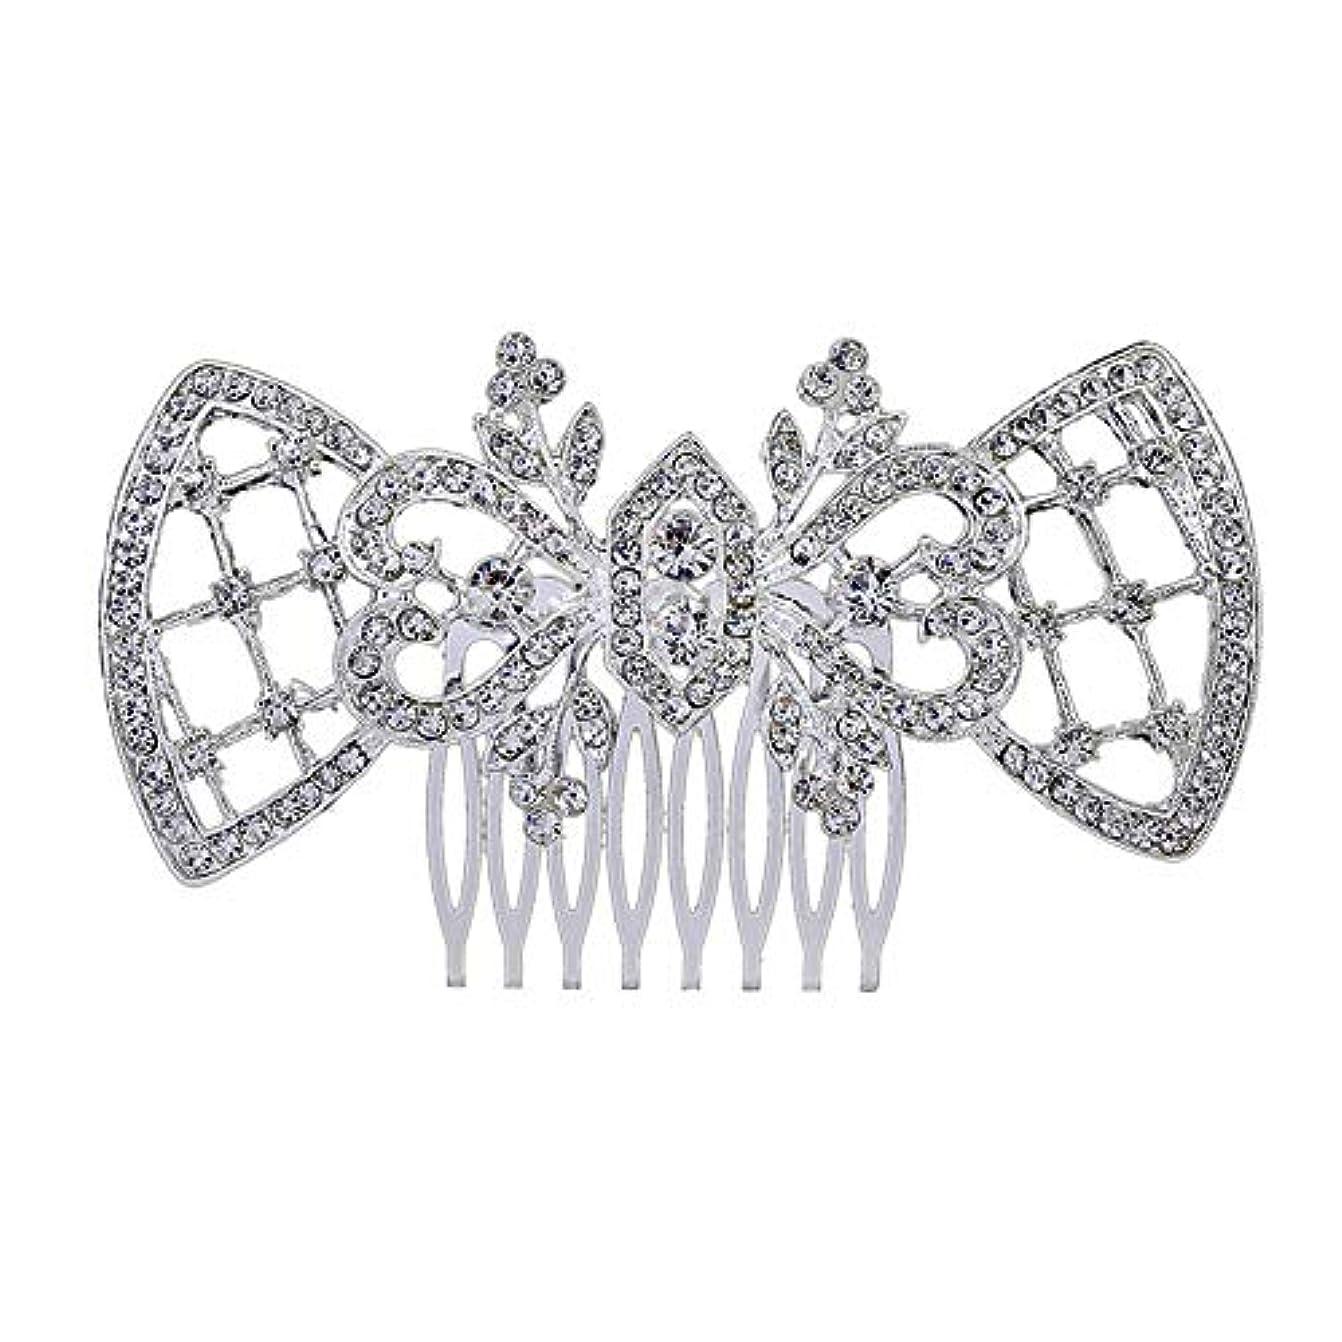 もしパテ節約する髪の櫛、櫛、ブライダル髪、髪の櫛、ハート形、ラインストーンの櫛、合金の帽子、結婚式のアクセサリー